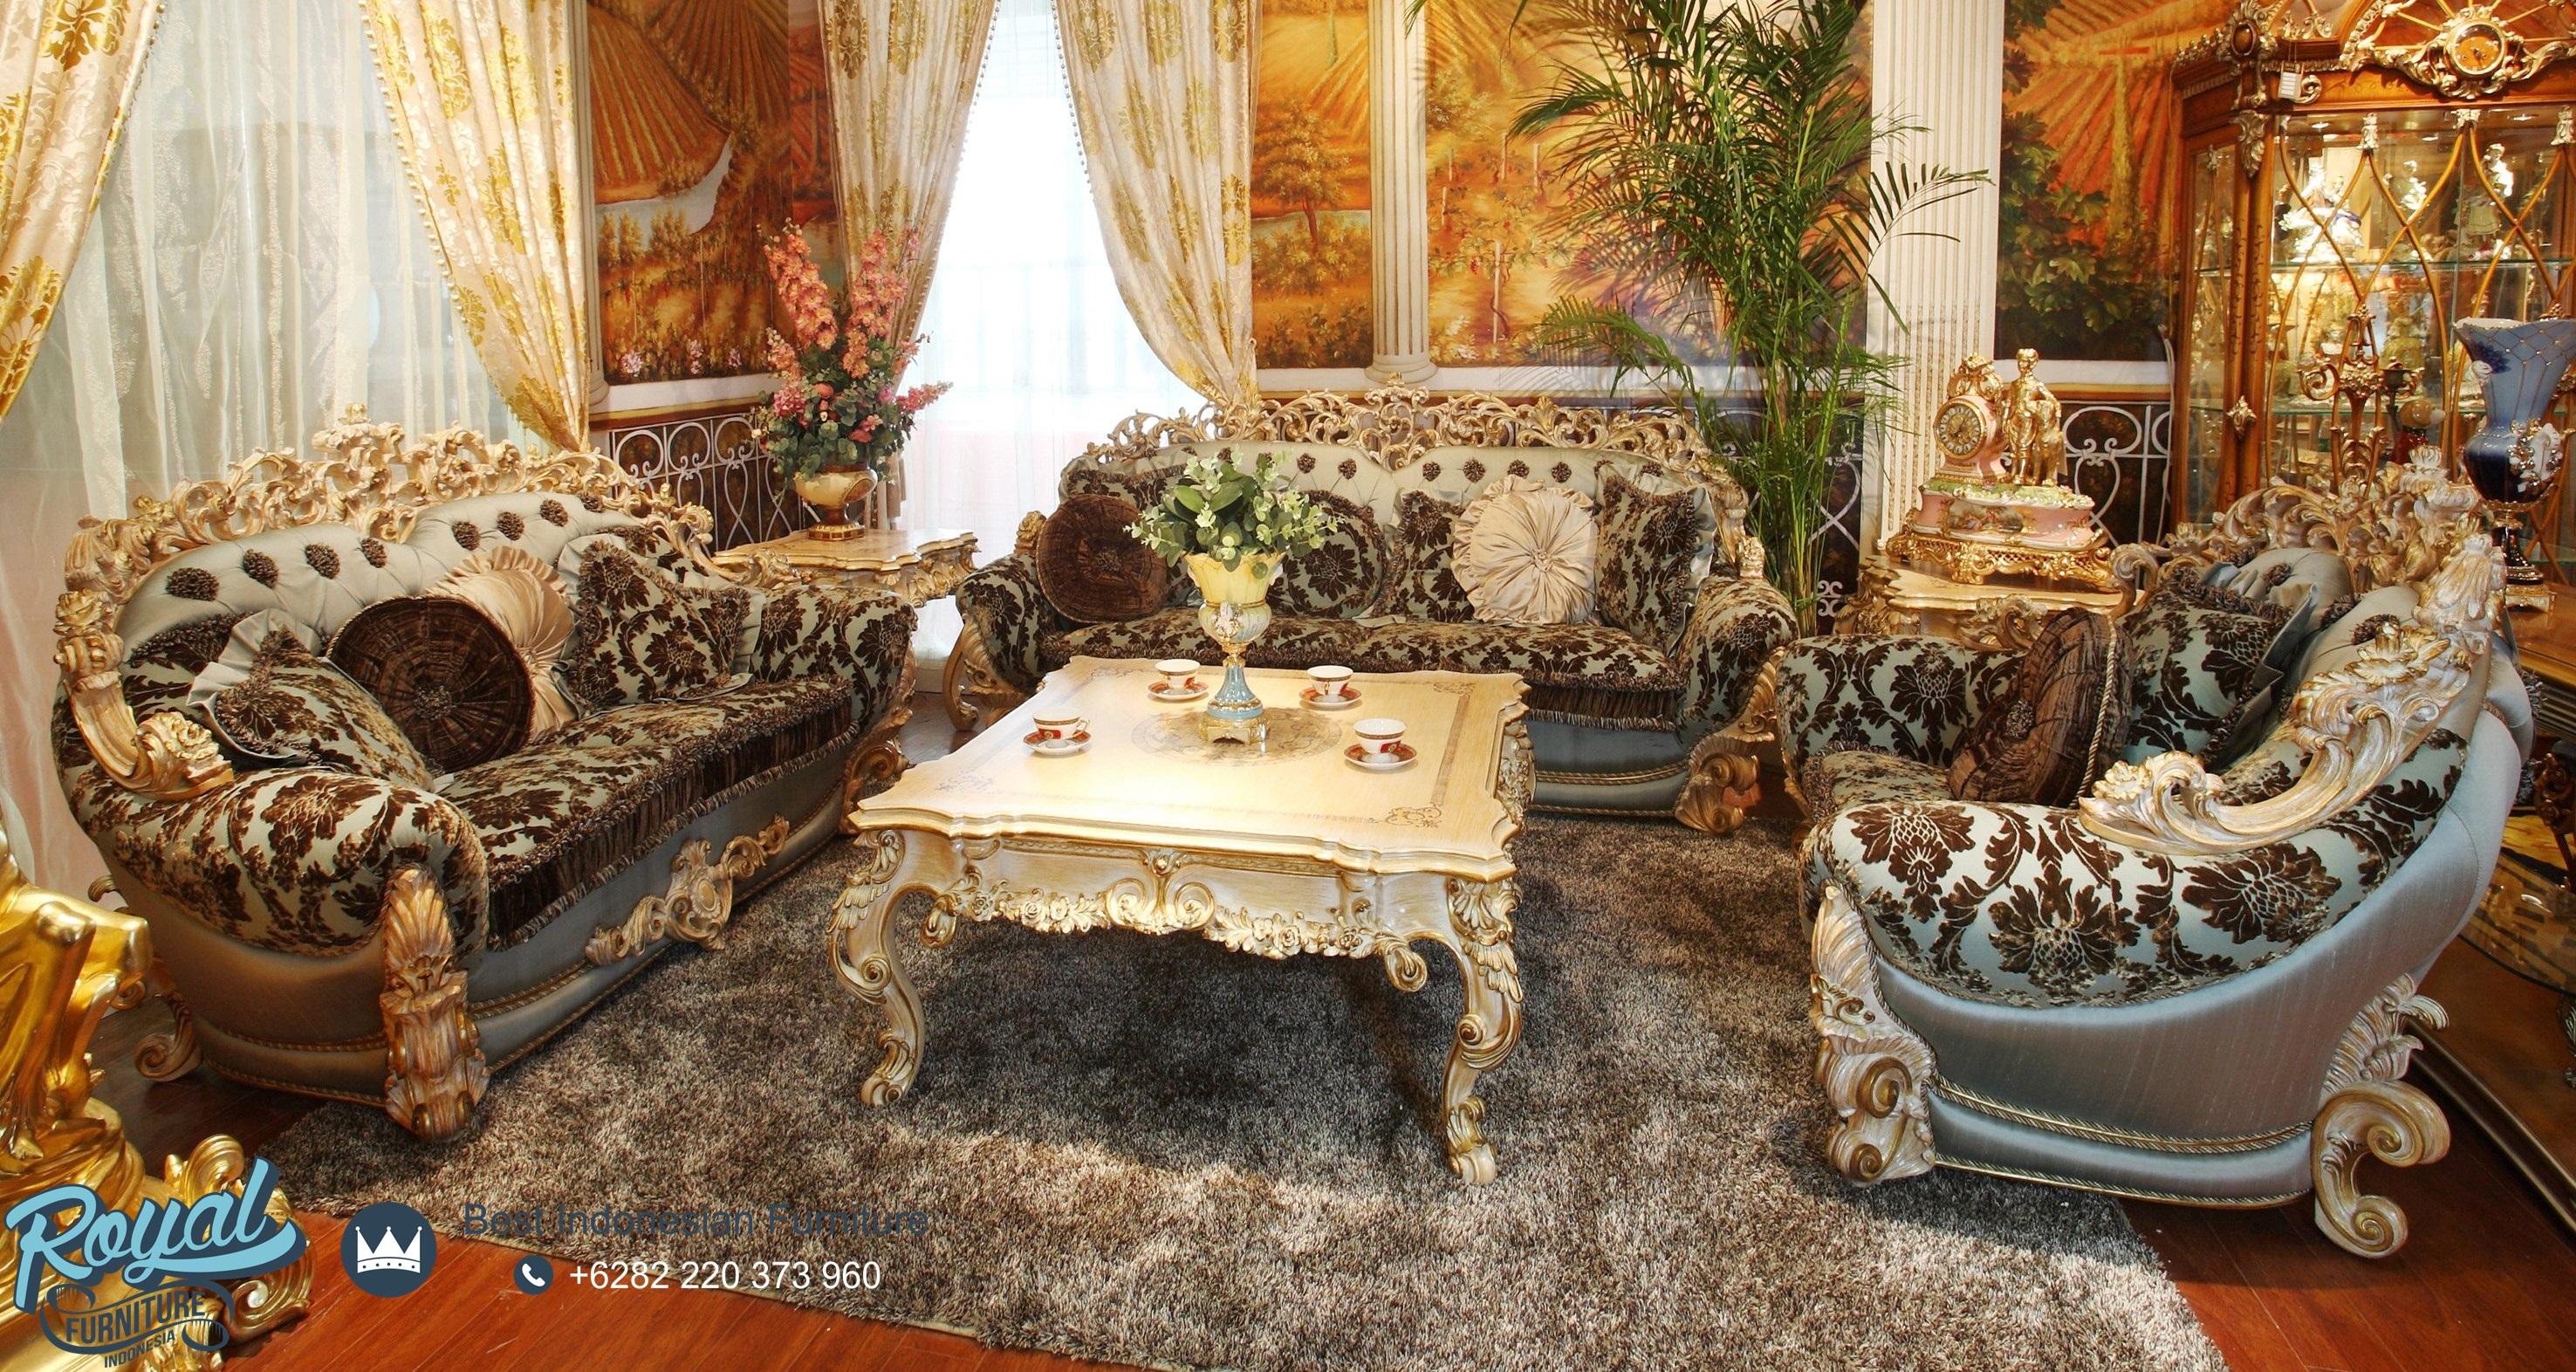 Set Kursi Tamu Sofa Klasik Ukiran Mewah Terbaru Brunello Royal 1 Teras